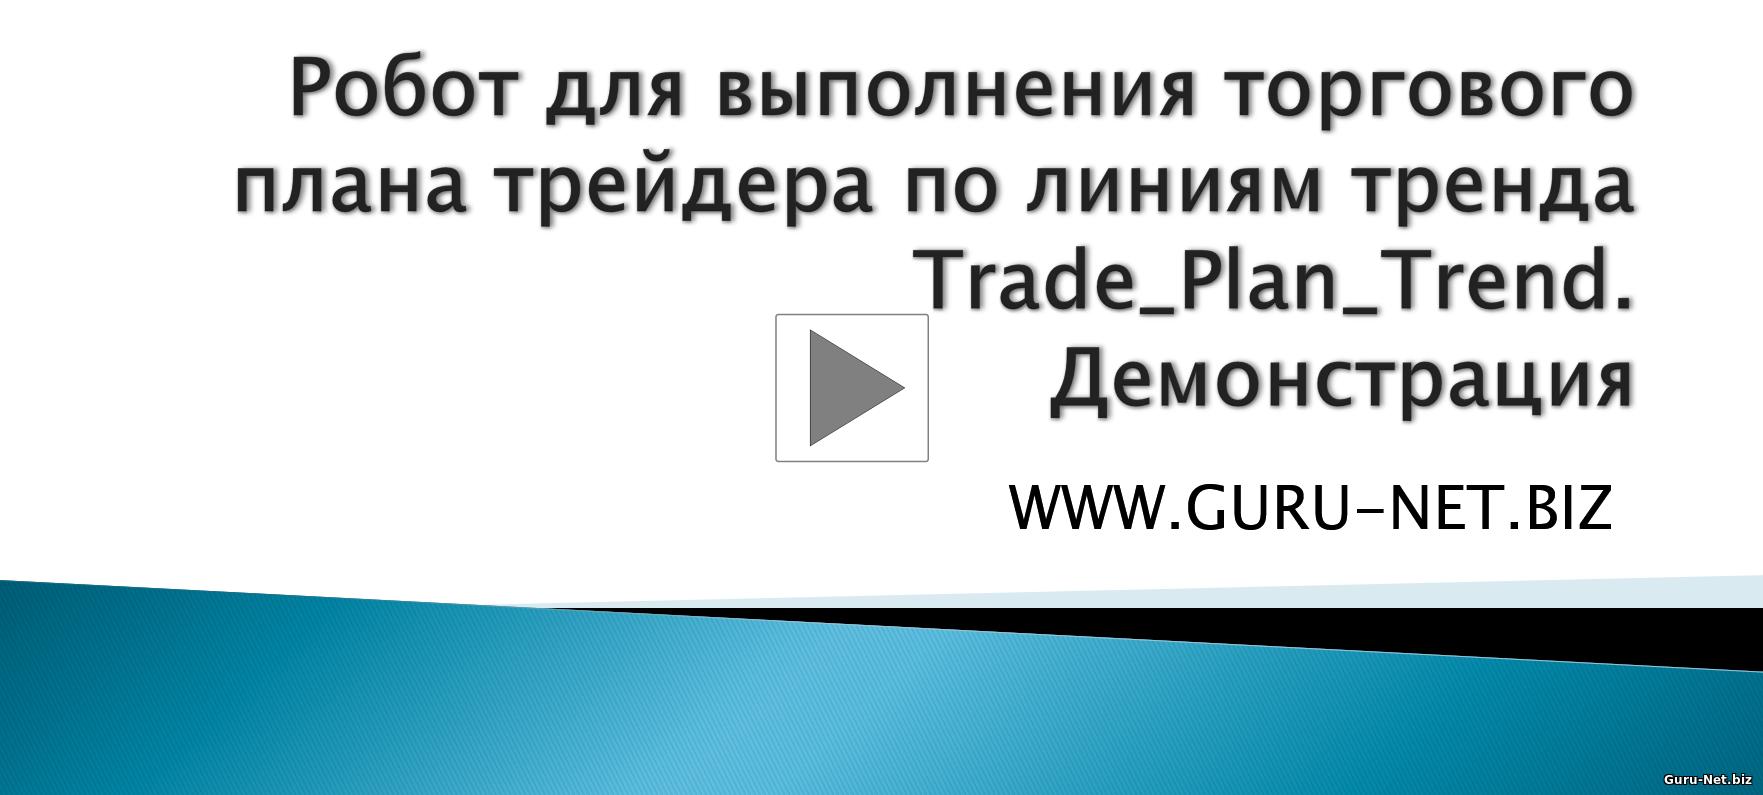 Демонстрация советник trade_plan_trend